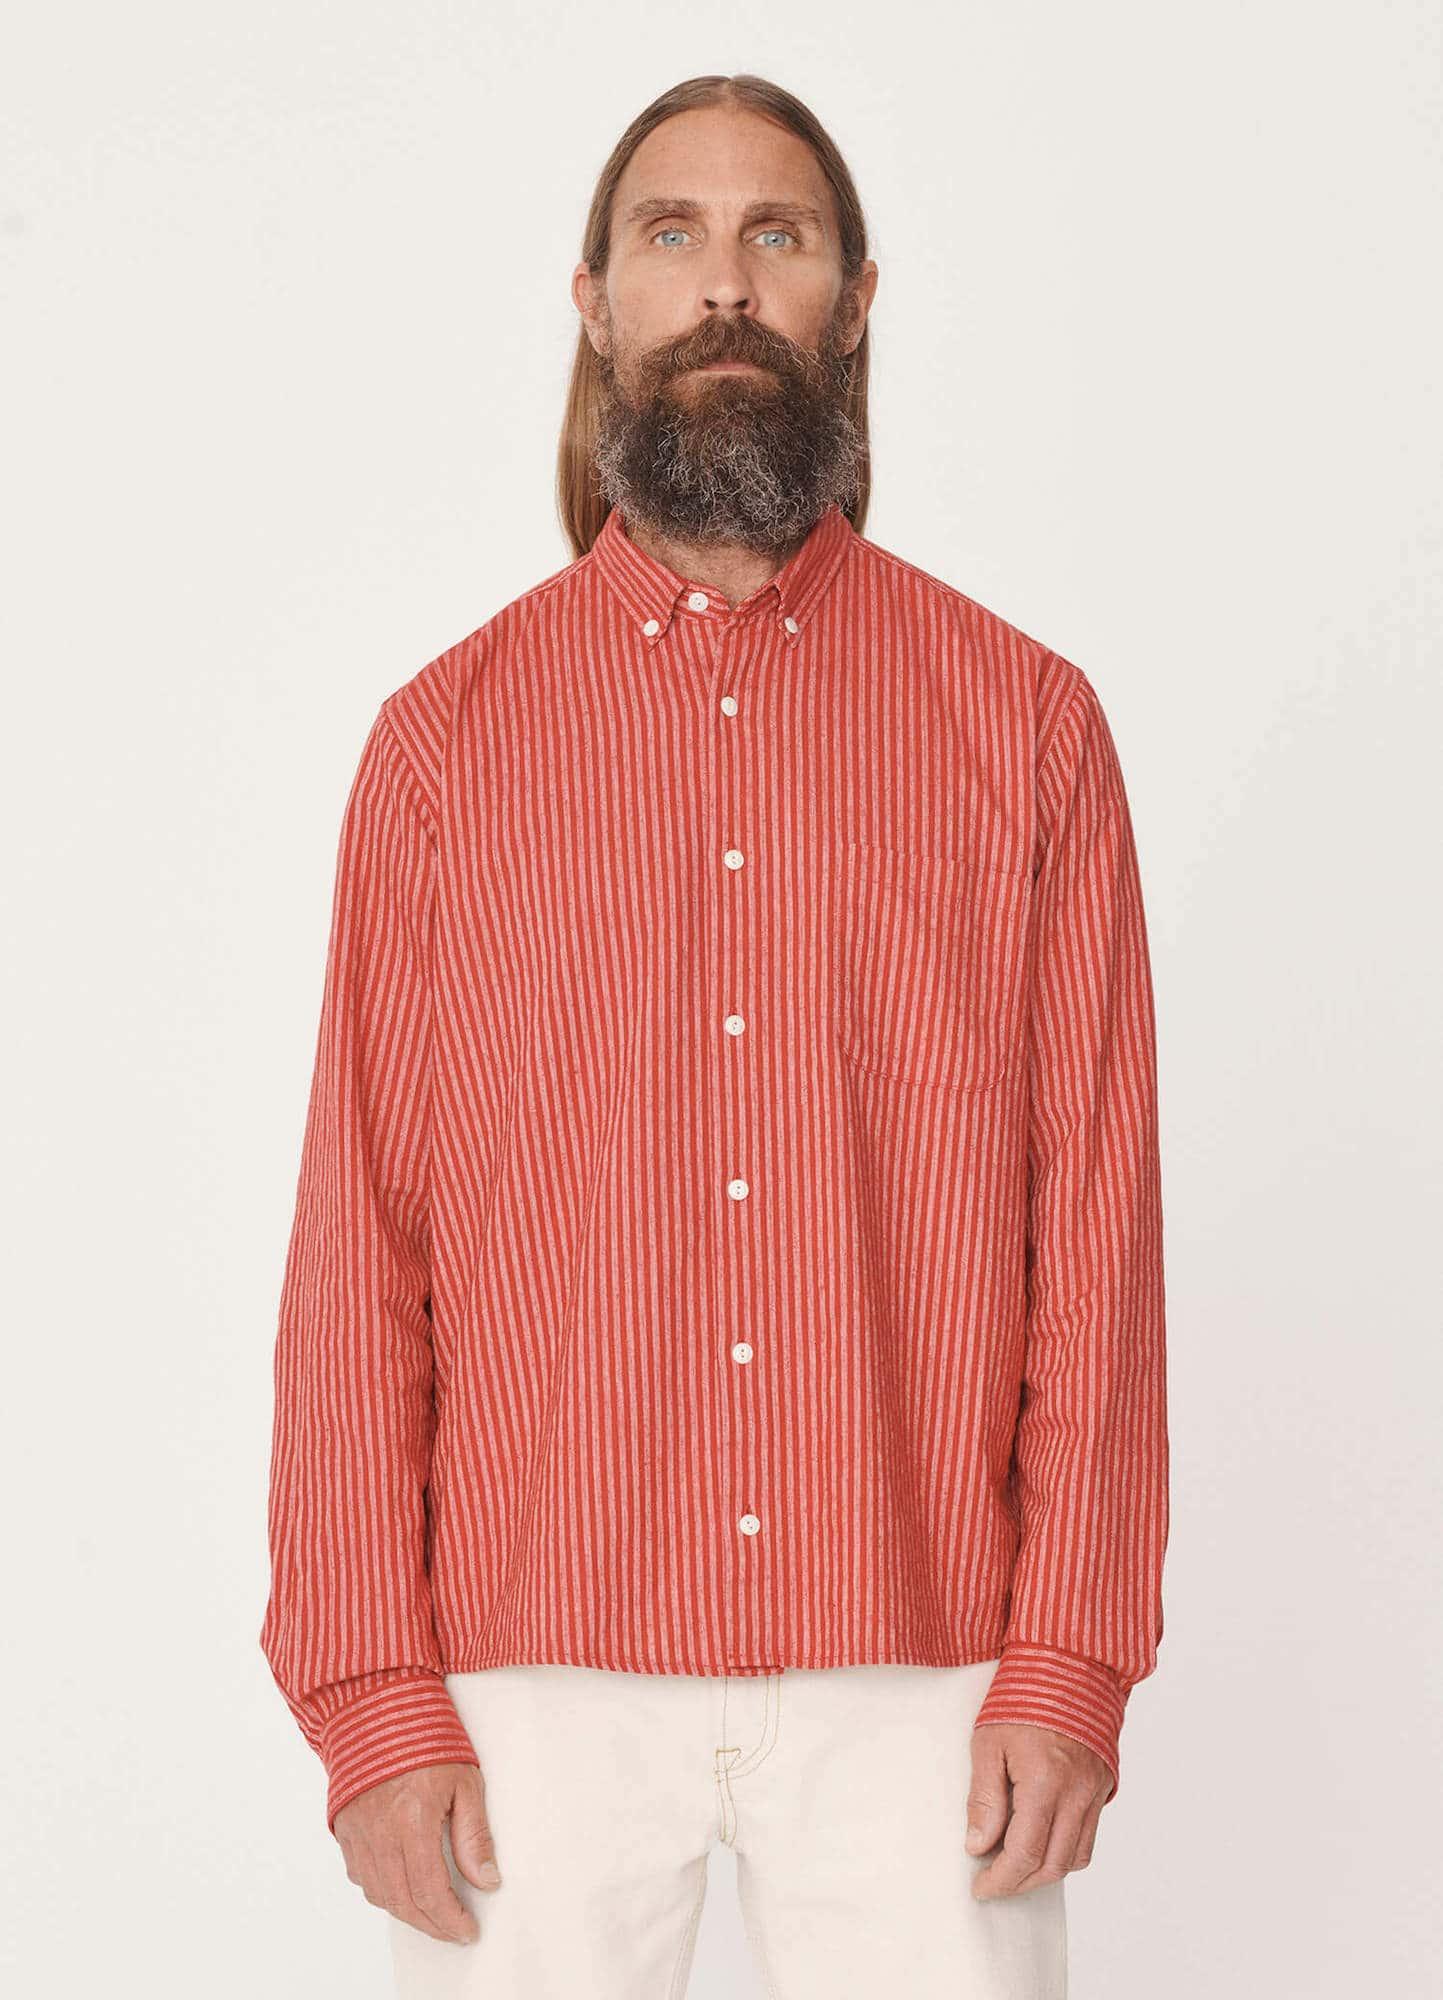 YMC - Castart - Dean Cotton Linen Shirt - Red